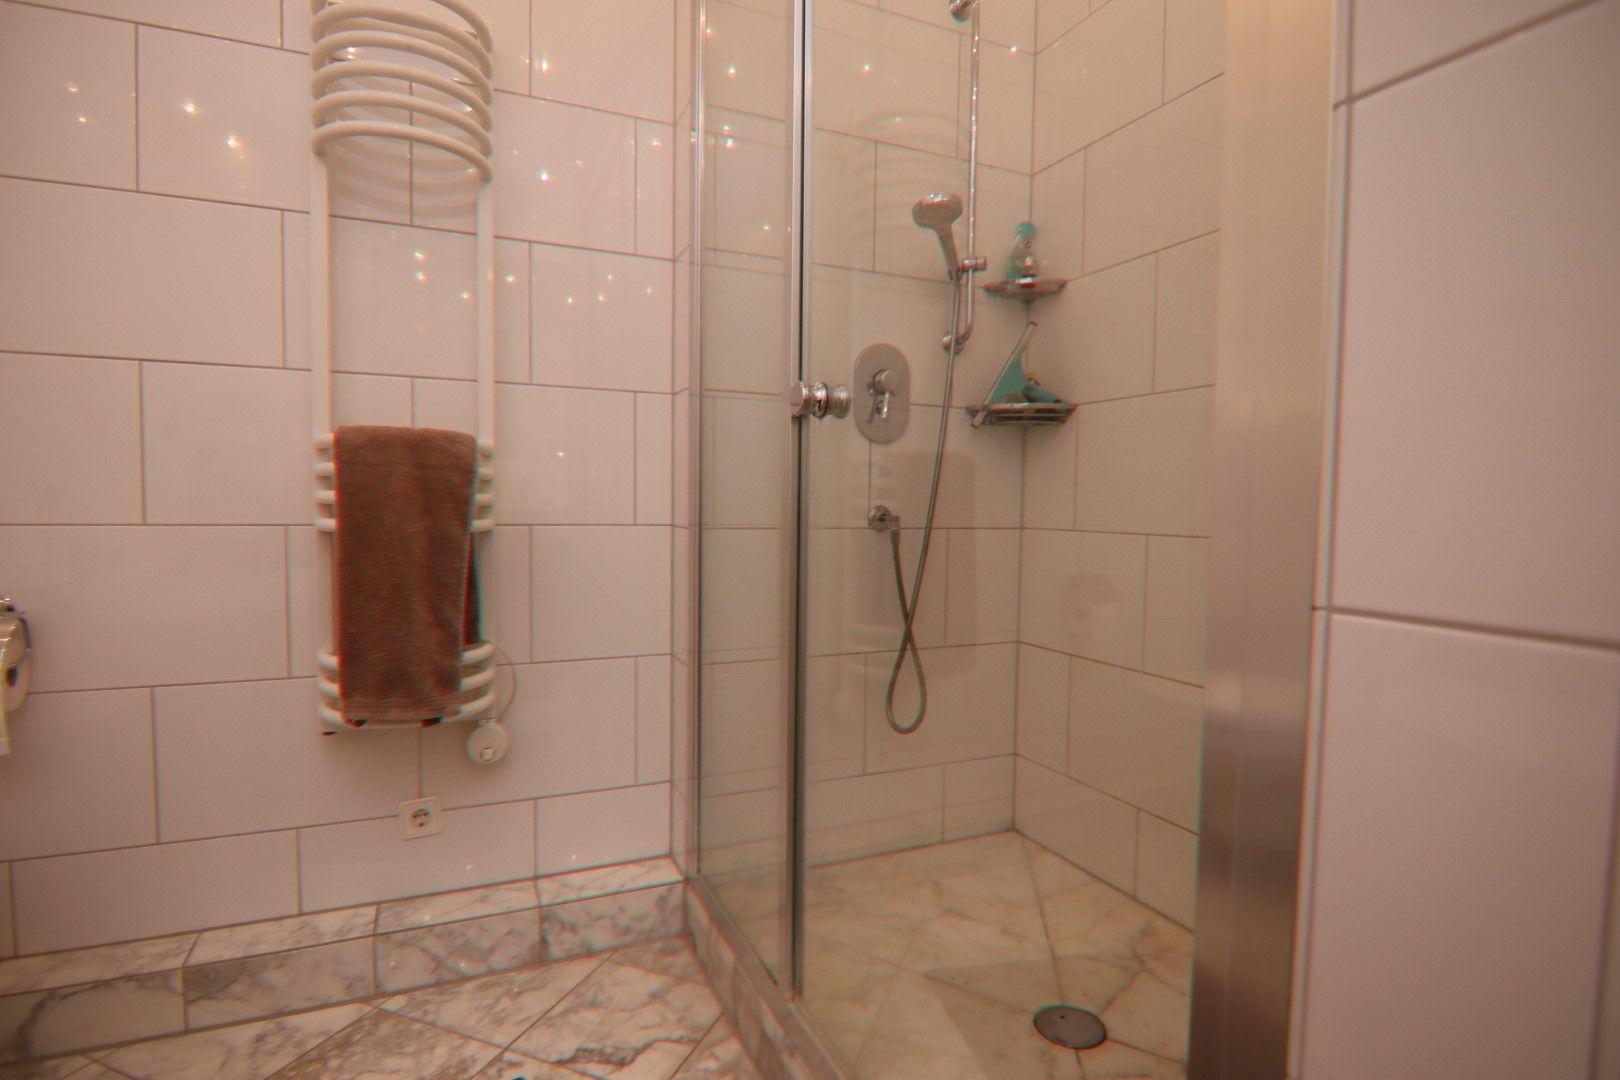 Immobilie Nr.0275 - 4-Raum-Deluxe-Wohnung mit Aufzug, Dachterrasse u. Garage - Bild 14.jpg